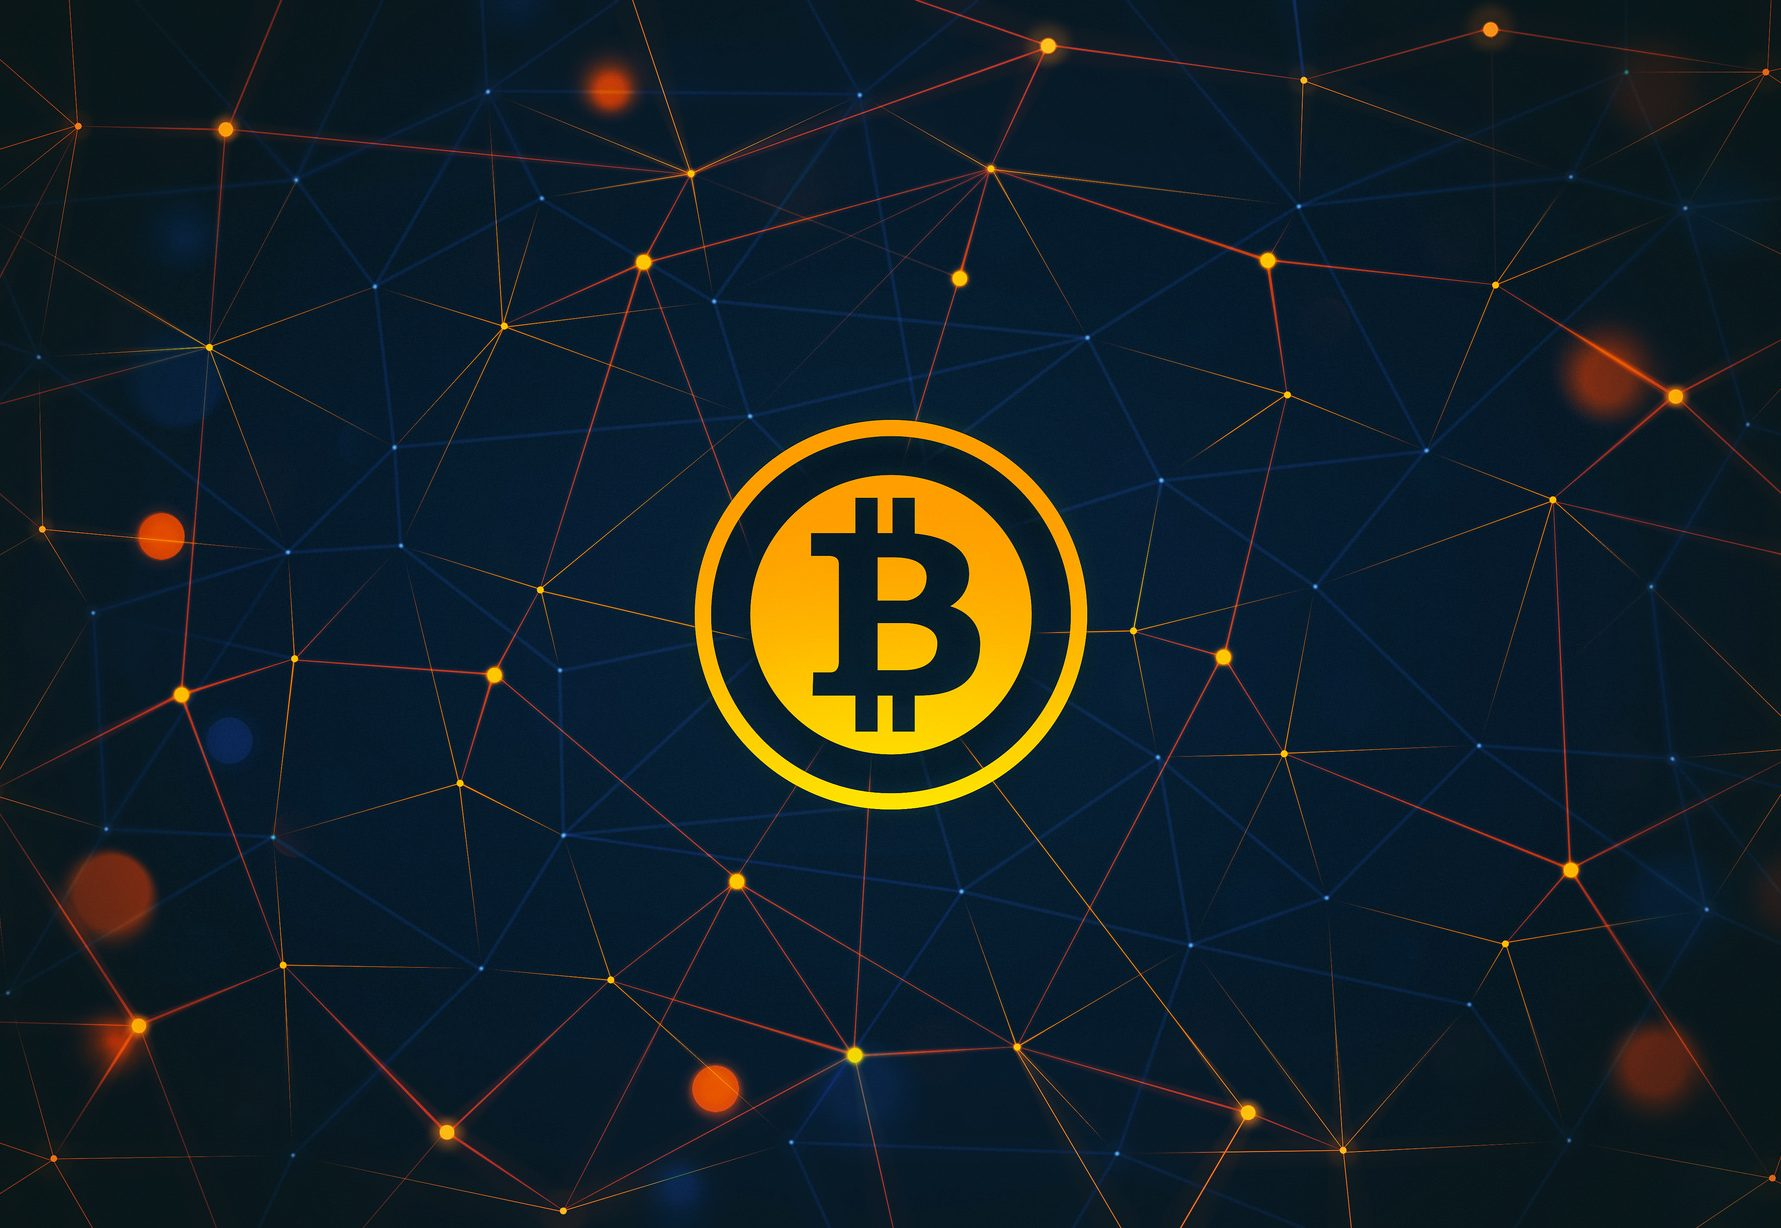 仮想通貨のビットコインの画像